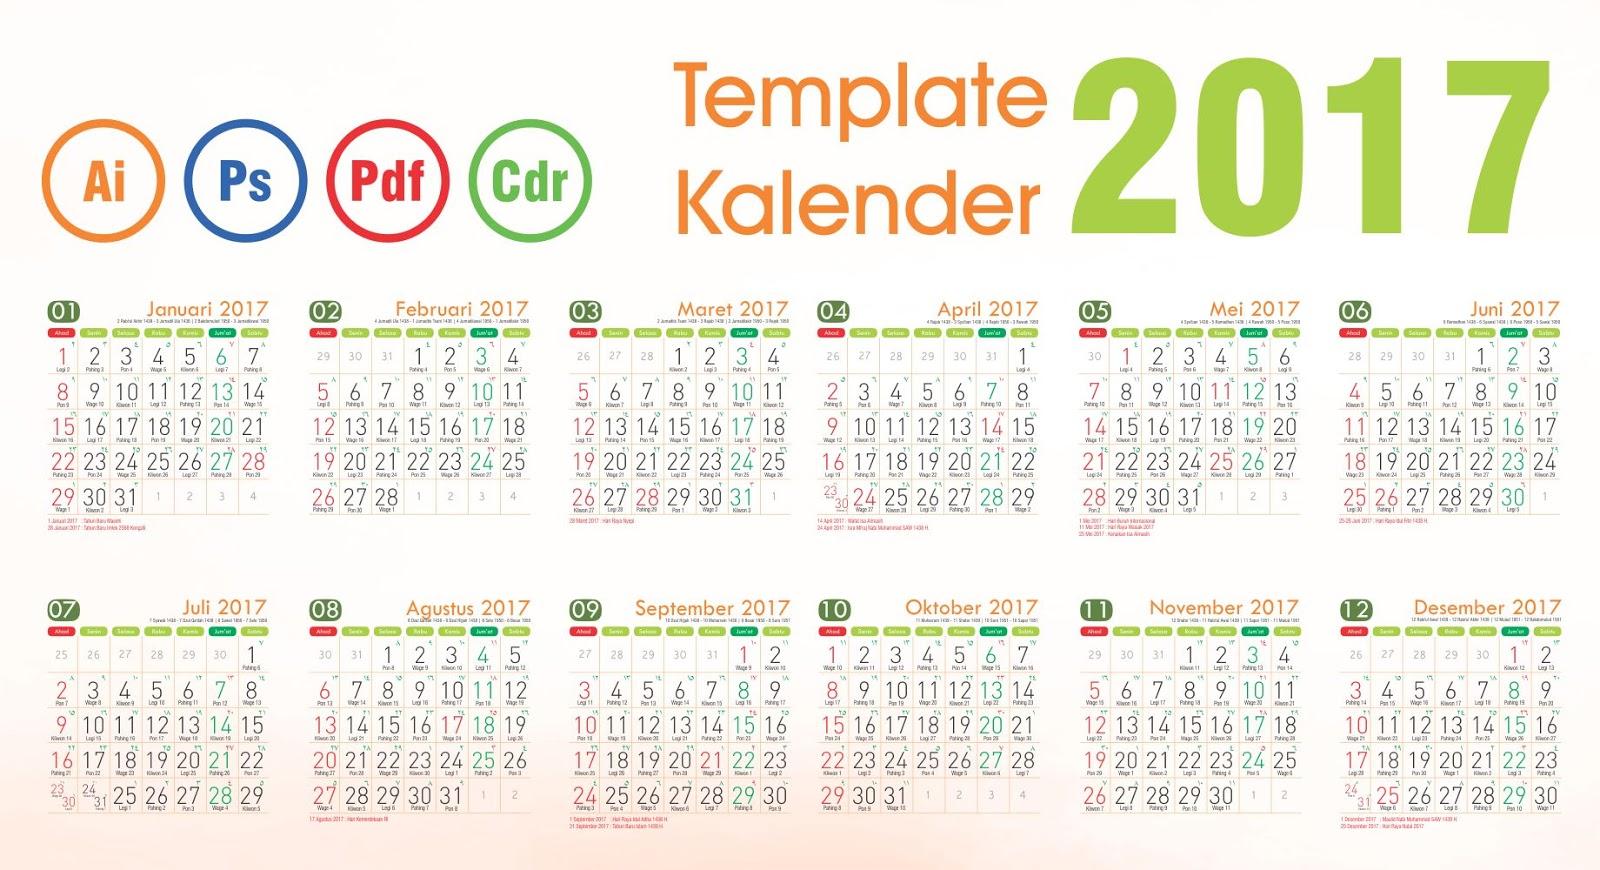 Hari Libur Kalender 2016 Related Keywords - Dan Hari Libur Kalender ...